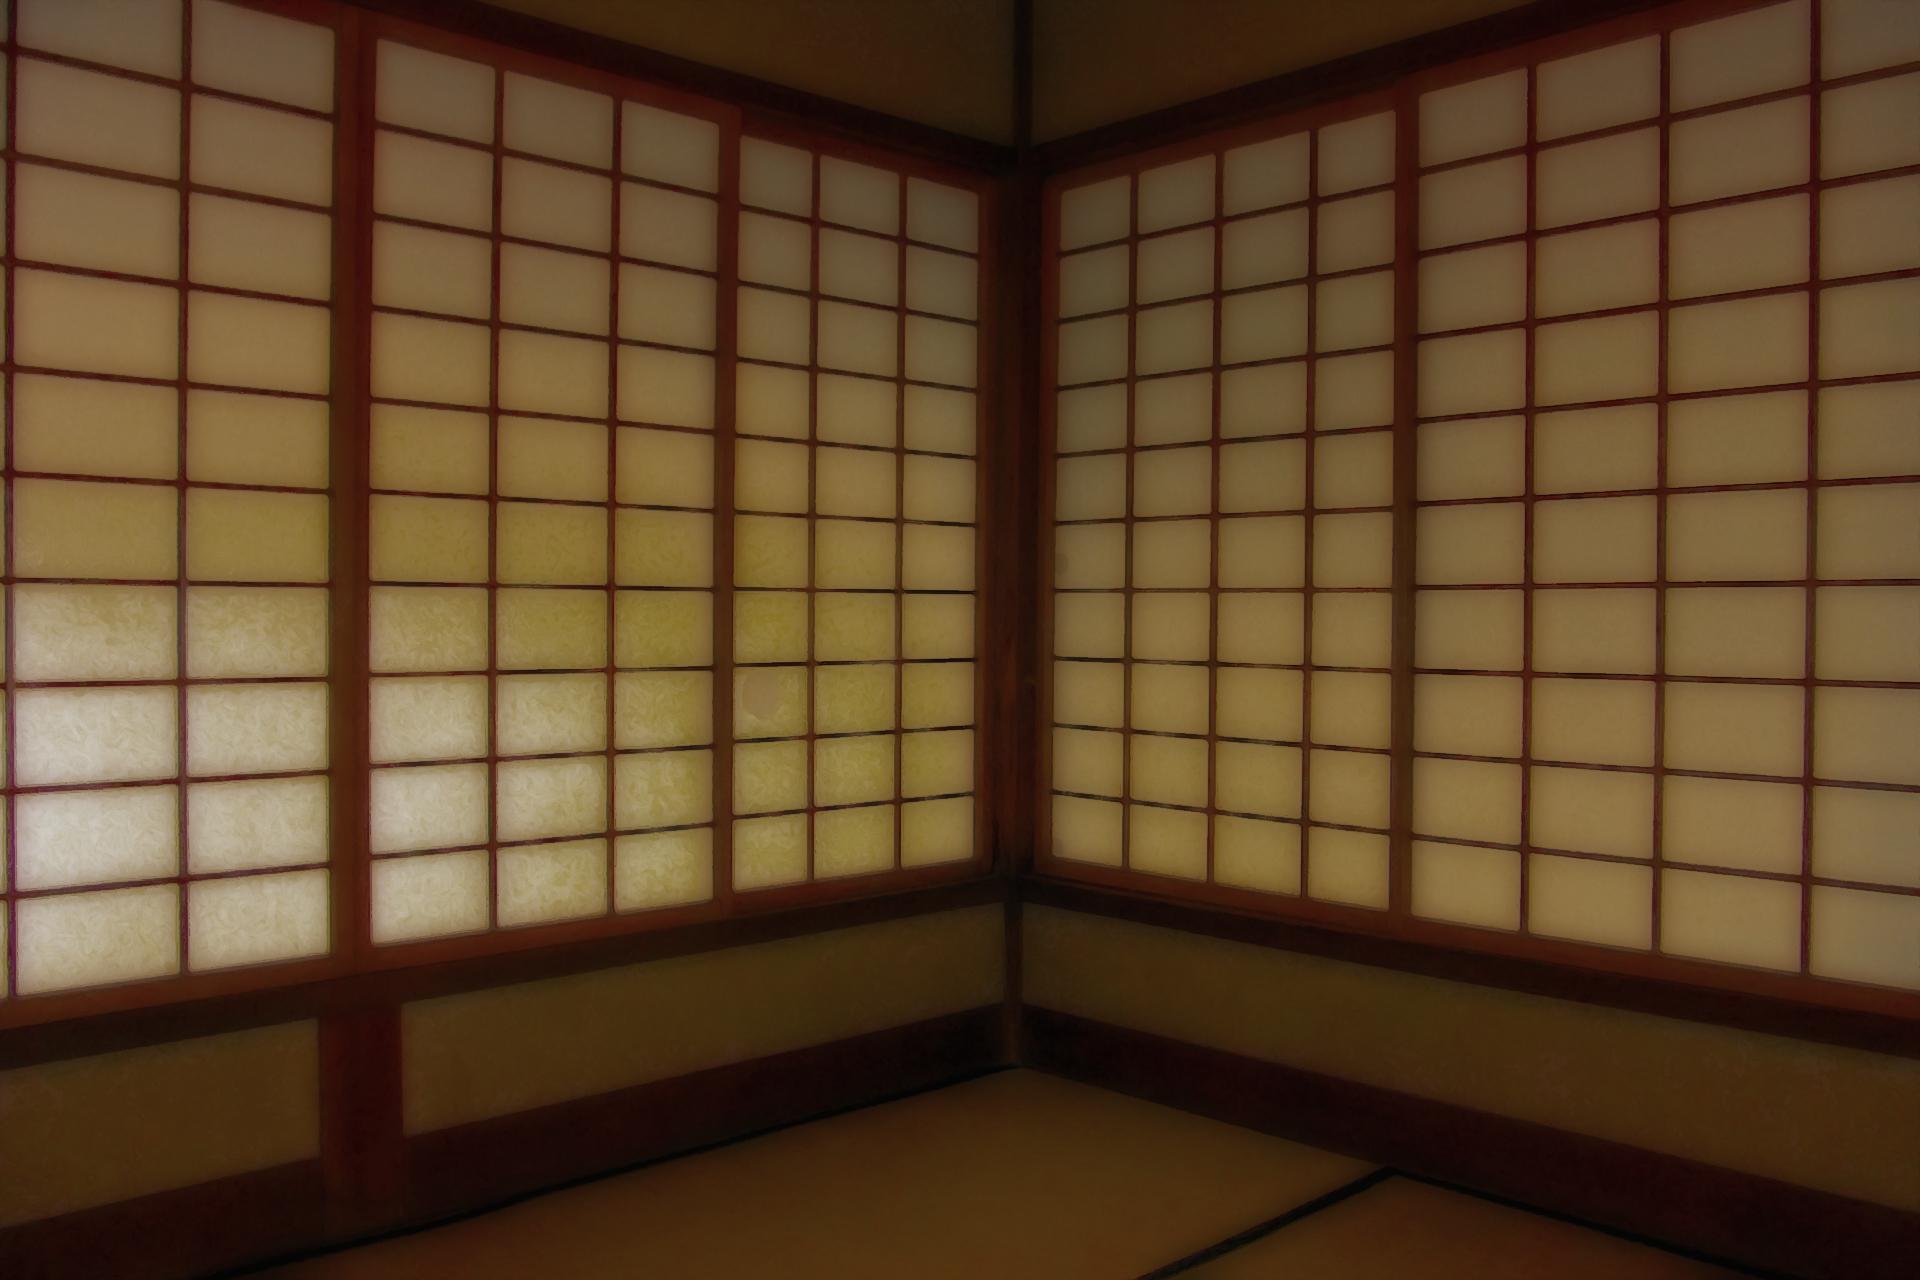 日本の畳間と障子 / Japanese tatami room and shoji